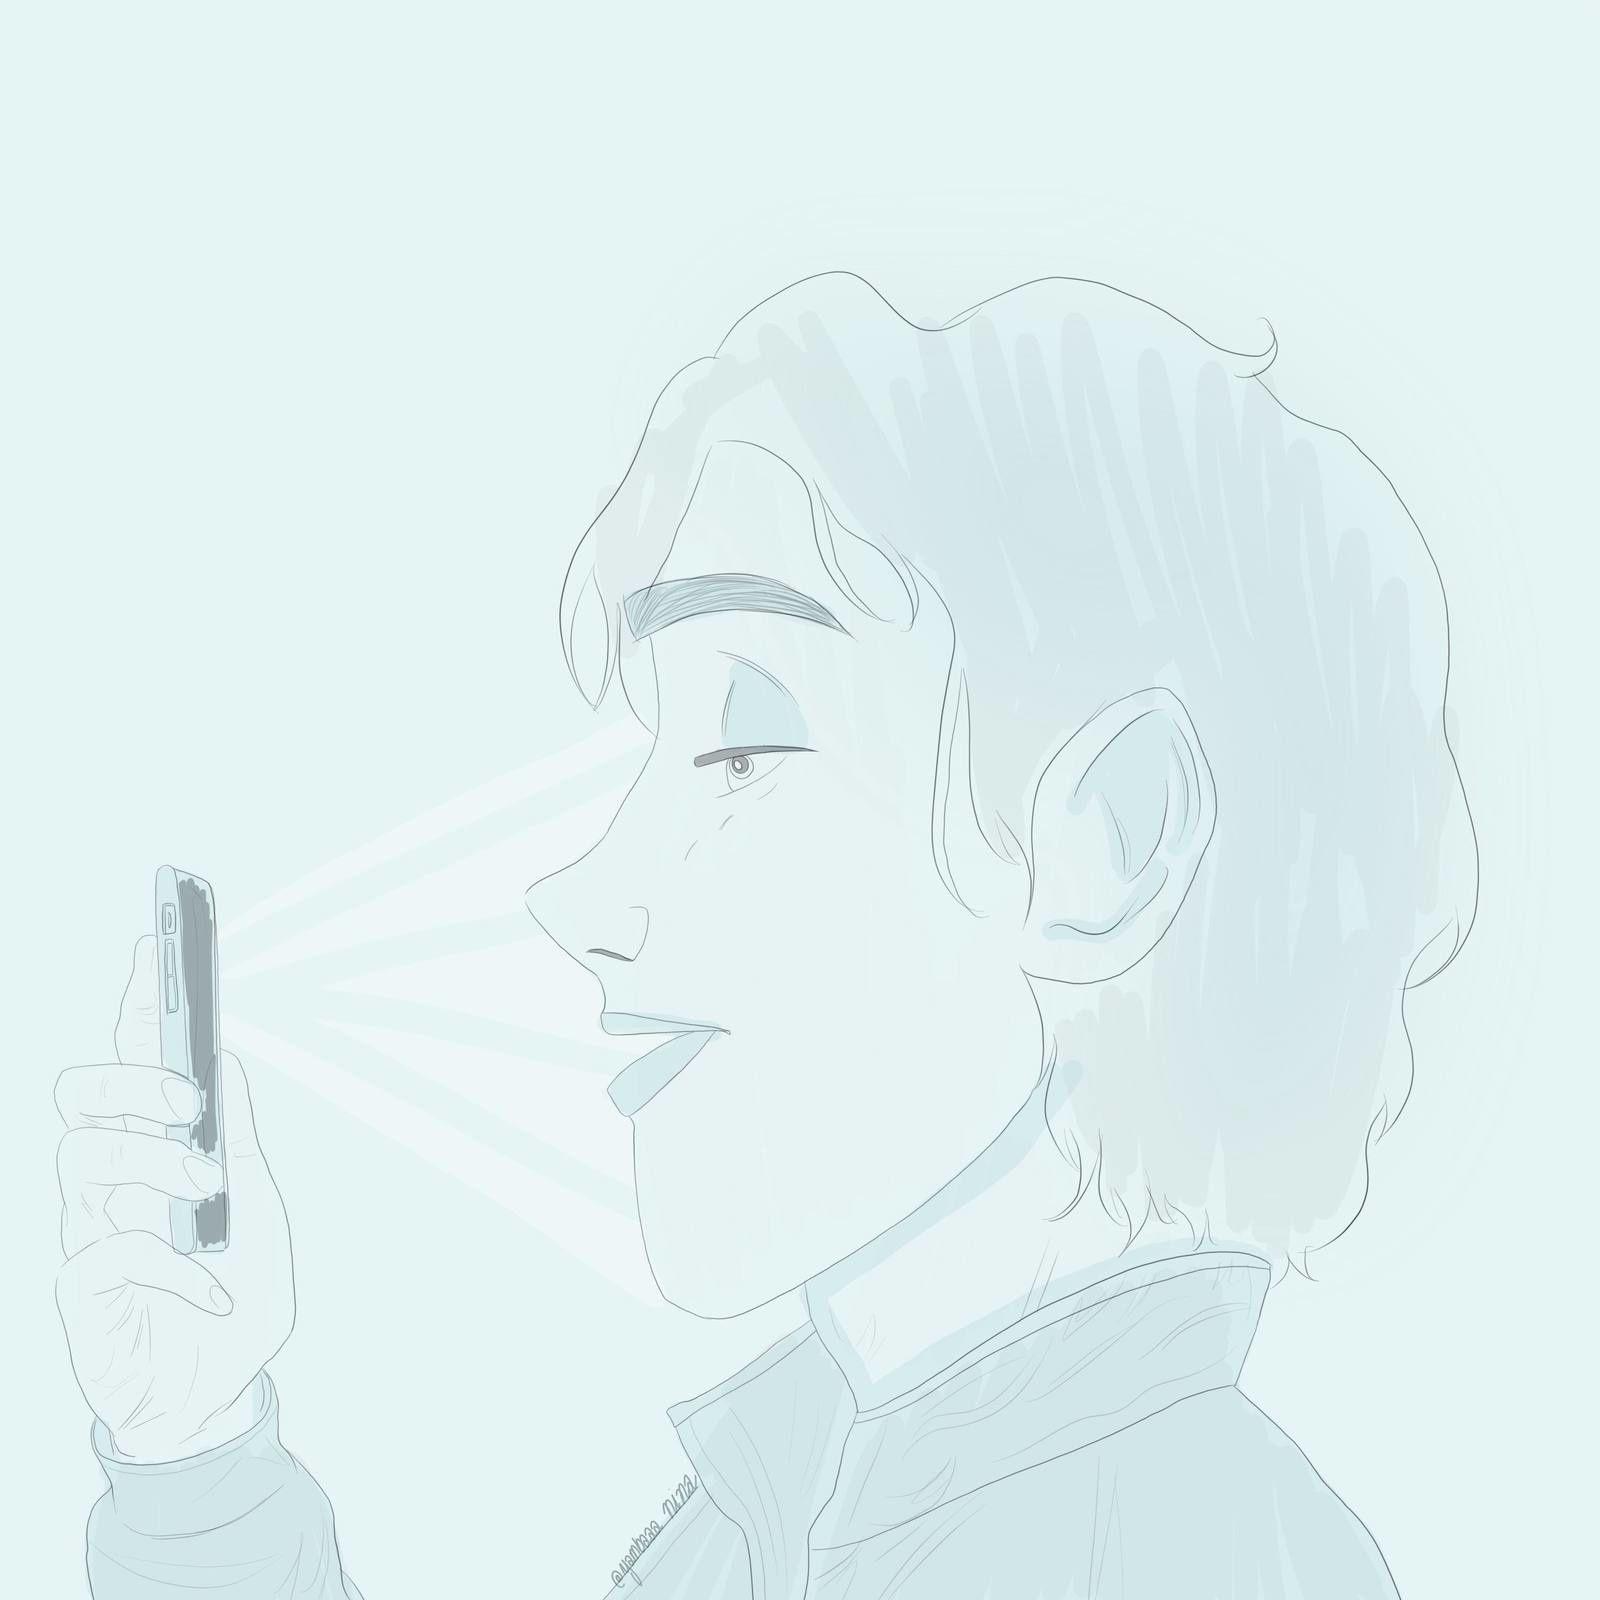 Un acteur de Lorenzaccio s'entraînant à réciter sa réplique sur son téléphone portable... (dessin que j'ai réalisé)